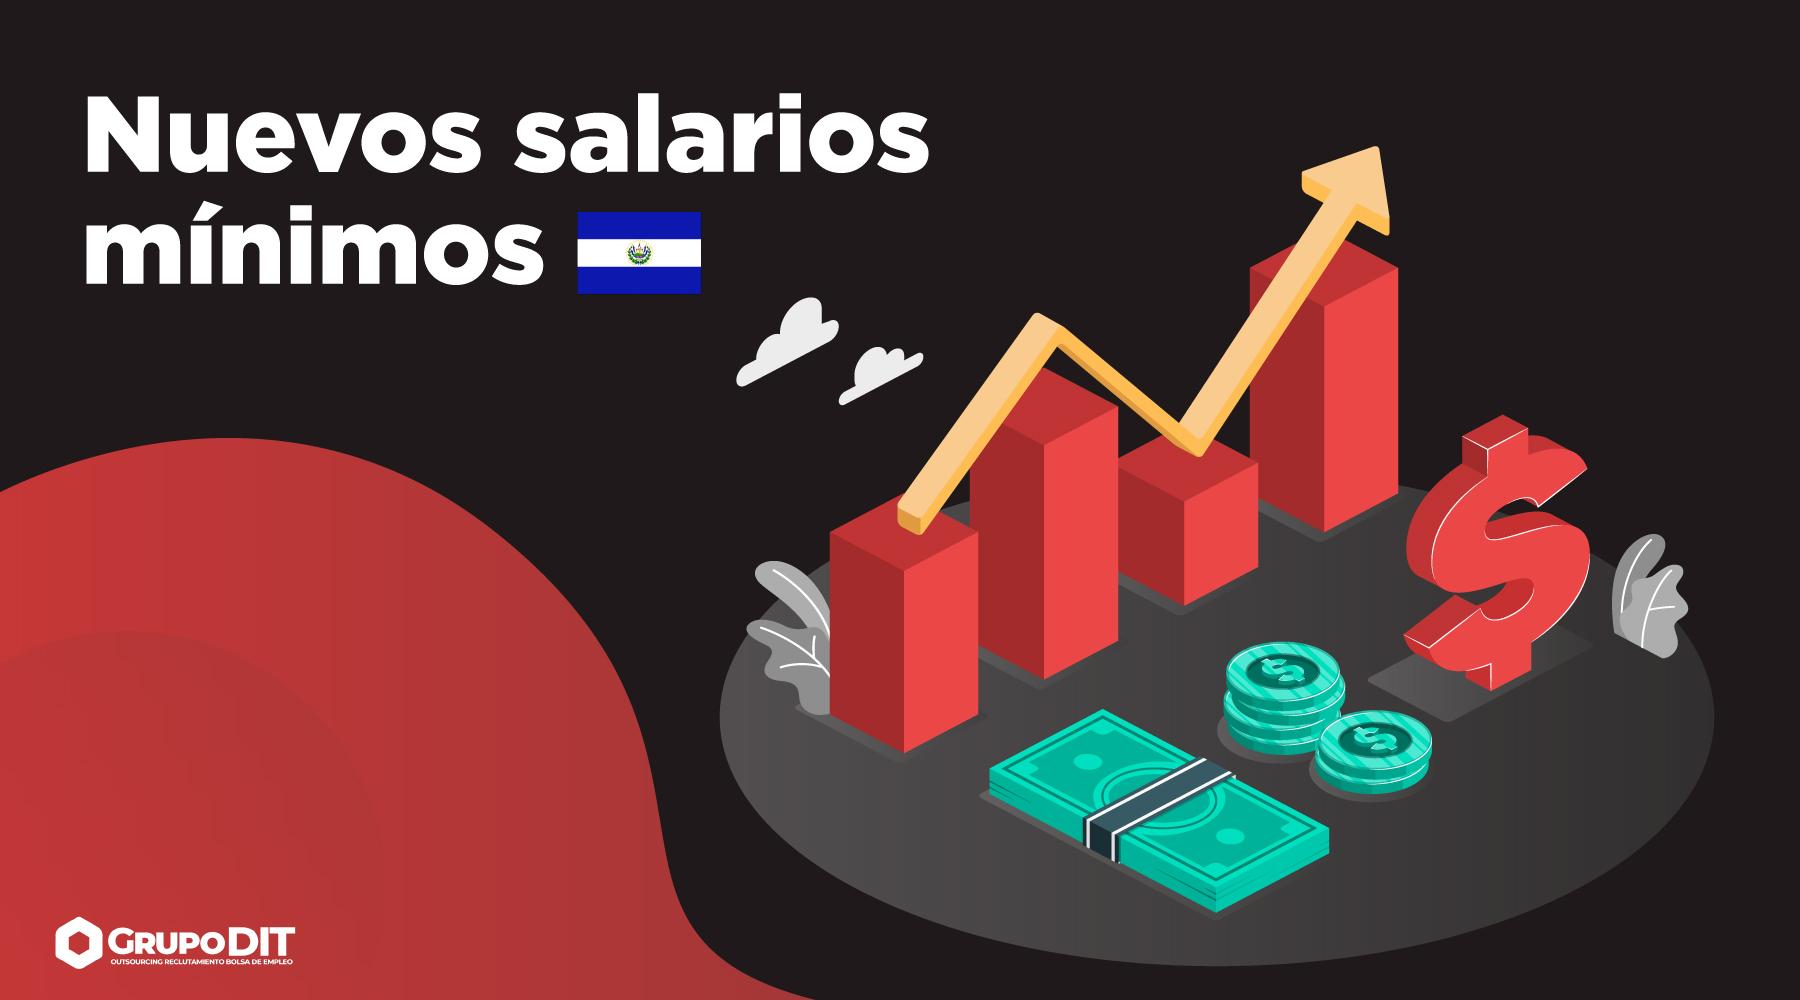 Nuevos salarios mínimos en El Salvador 2021 por Grupo DIT